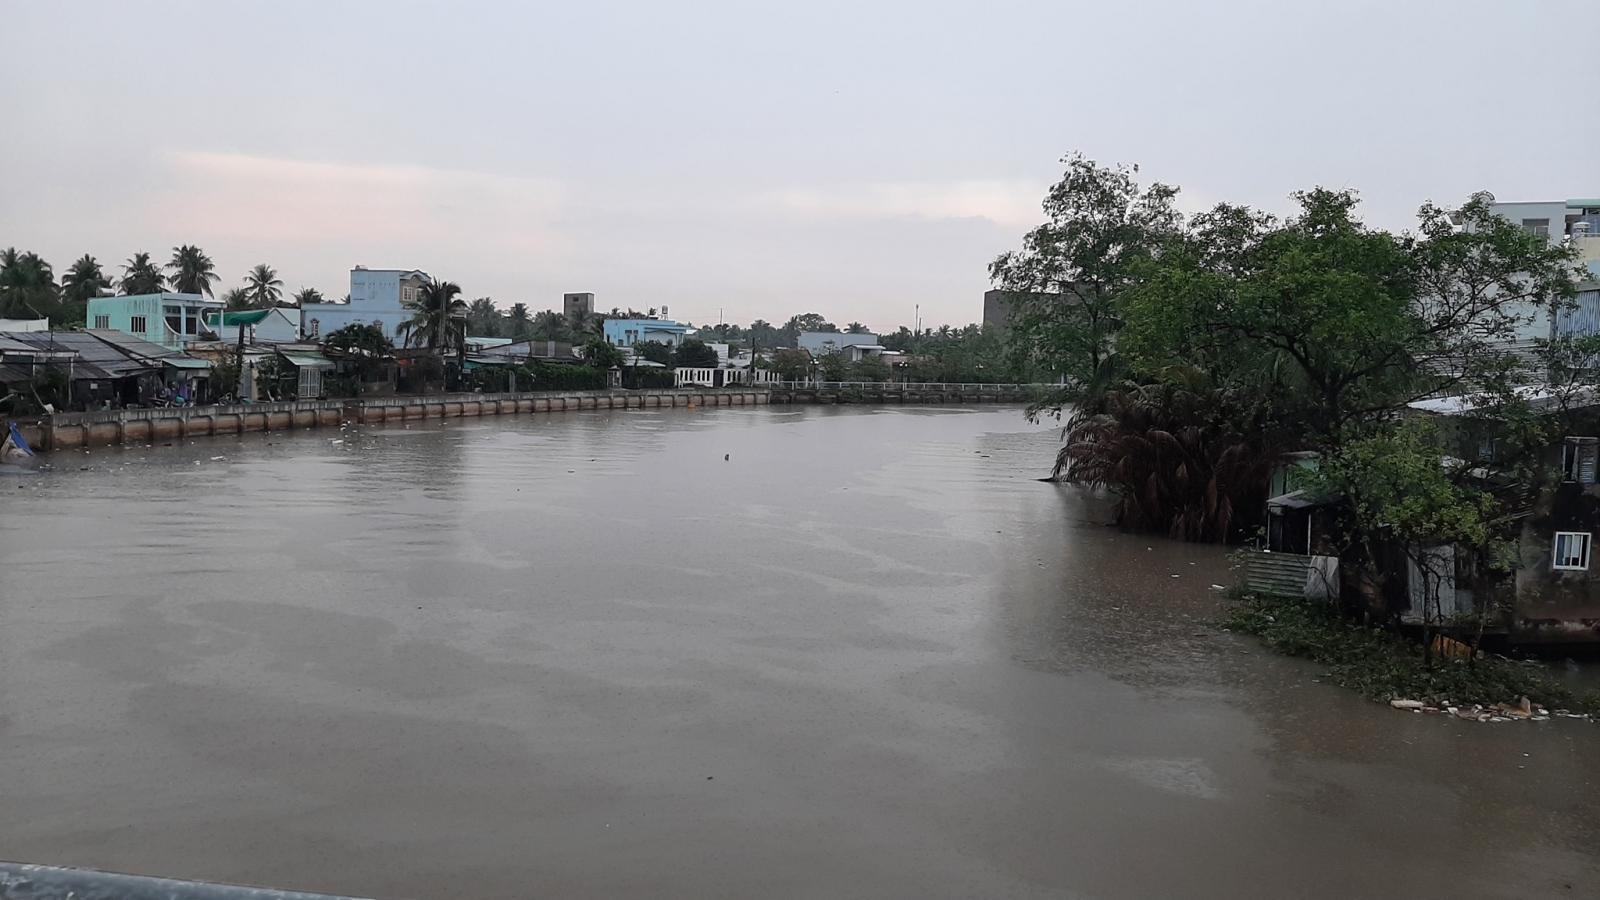 Mưa to chuyển mùa ở Tiền Giang, tháo dỡ các công trình ngăn mặn